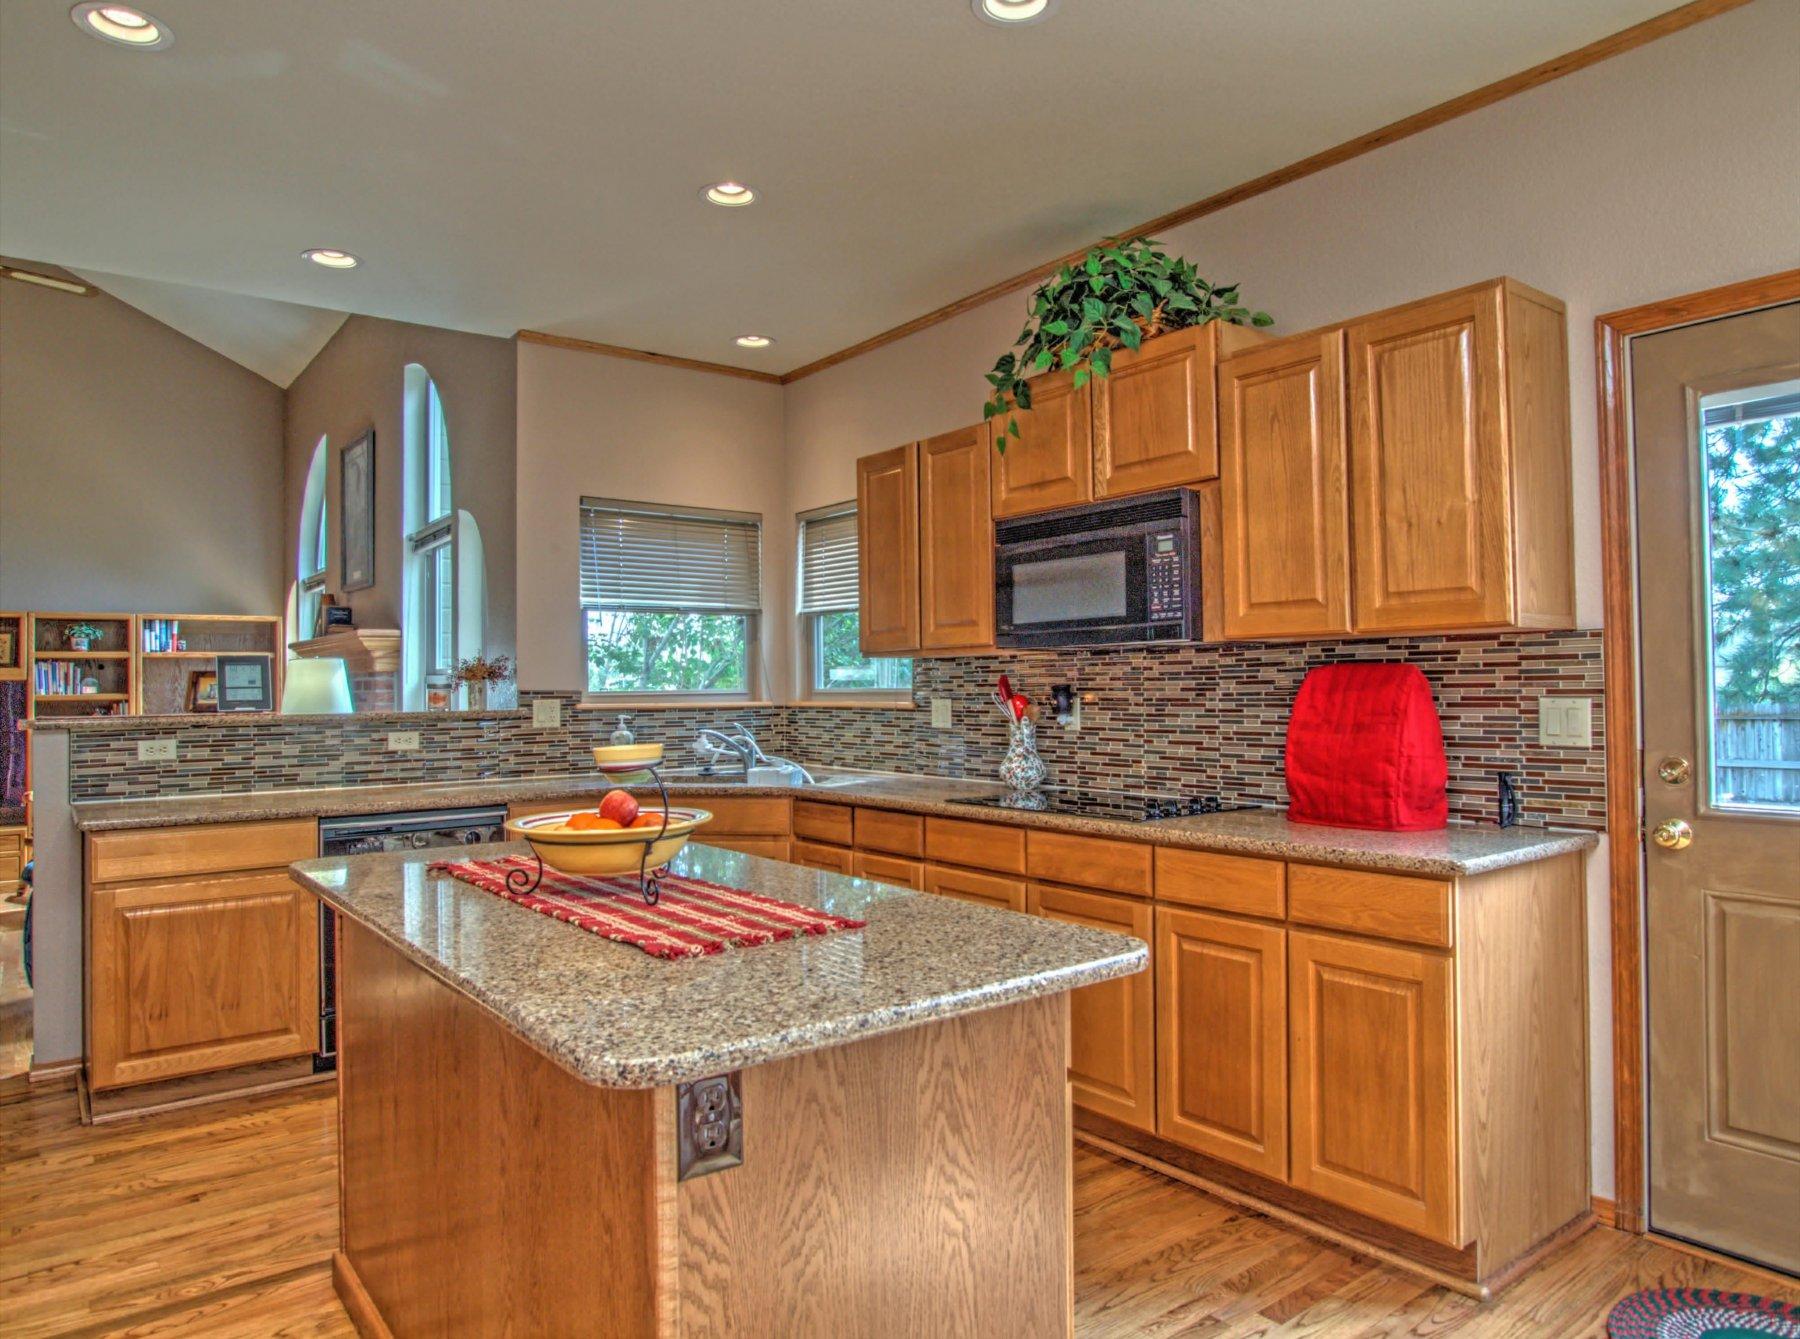 12-1586-Kitchen1.jpg